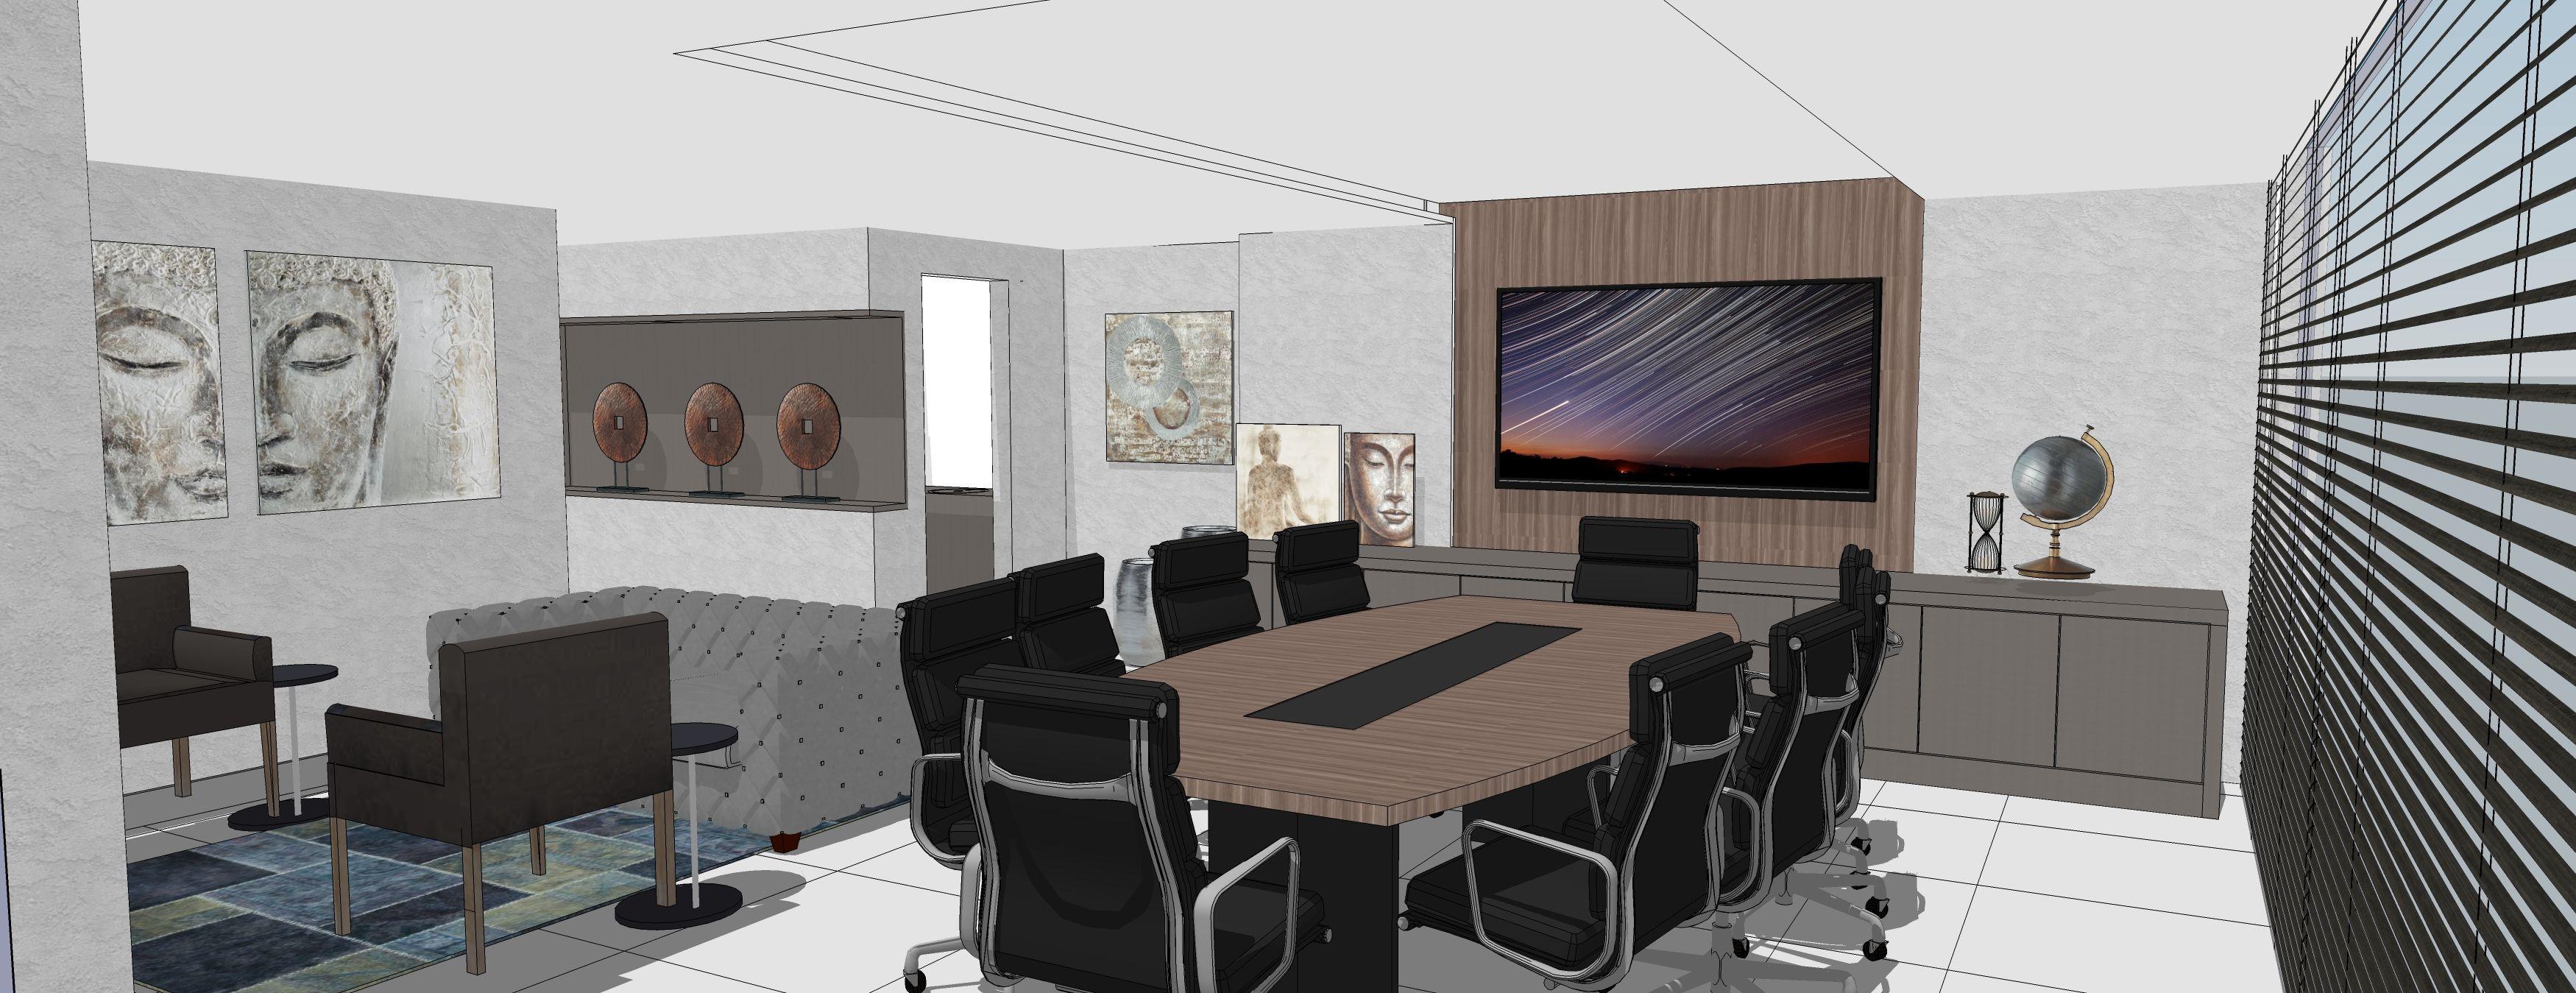 Sala de reuniões por AD Progettare Arquitetura e Decoração Ltda.